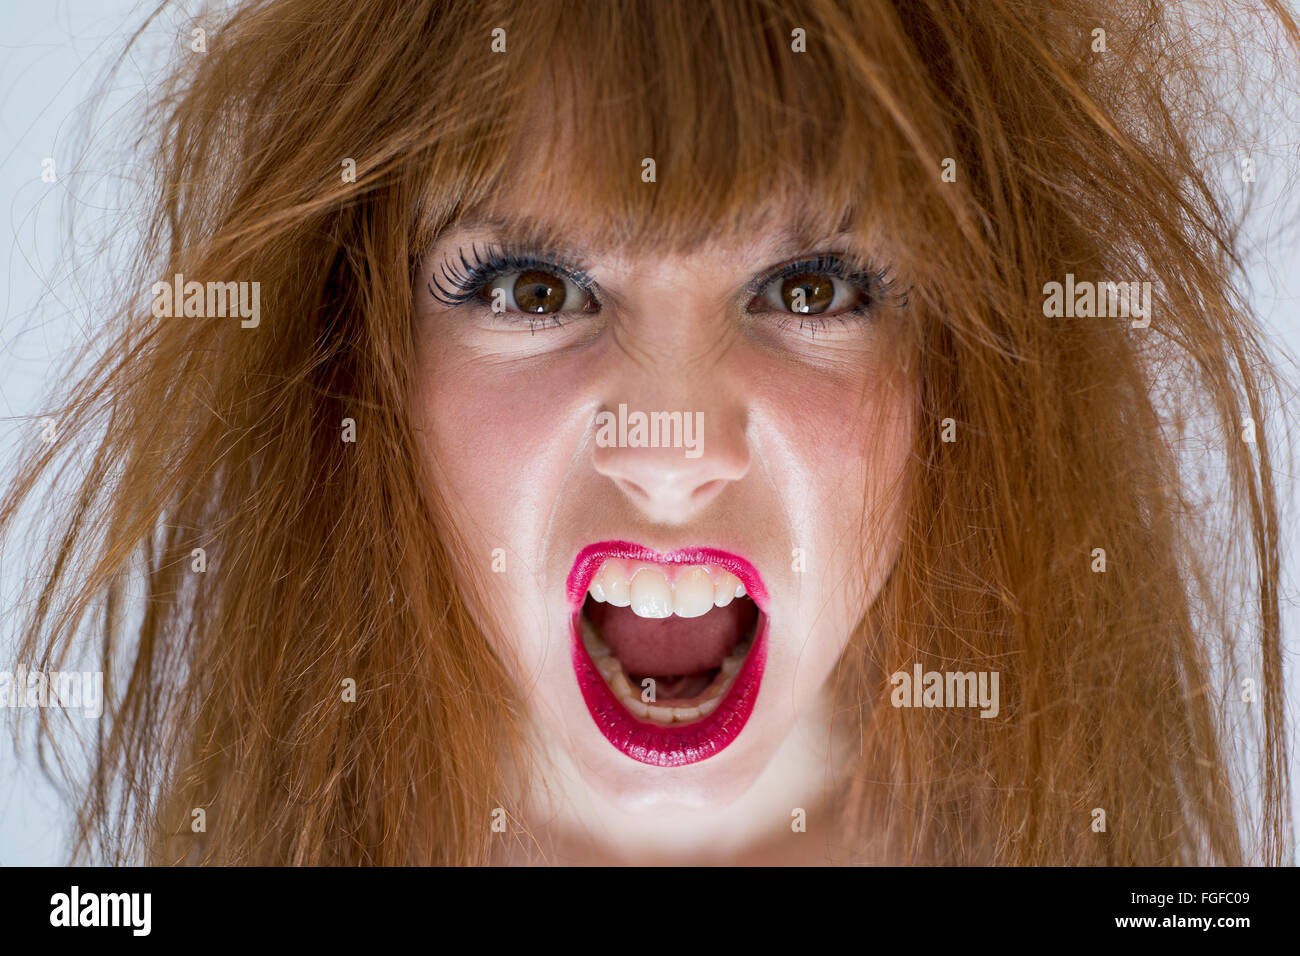 Portrait d'une femme avec des cheveux ébouriffés avec une expression de colère Banque D'Images